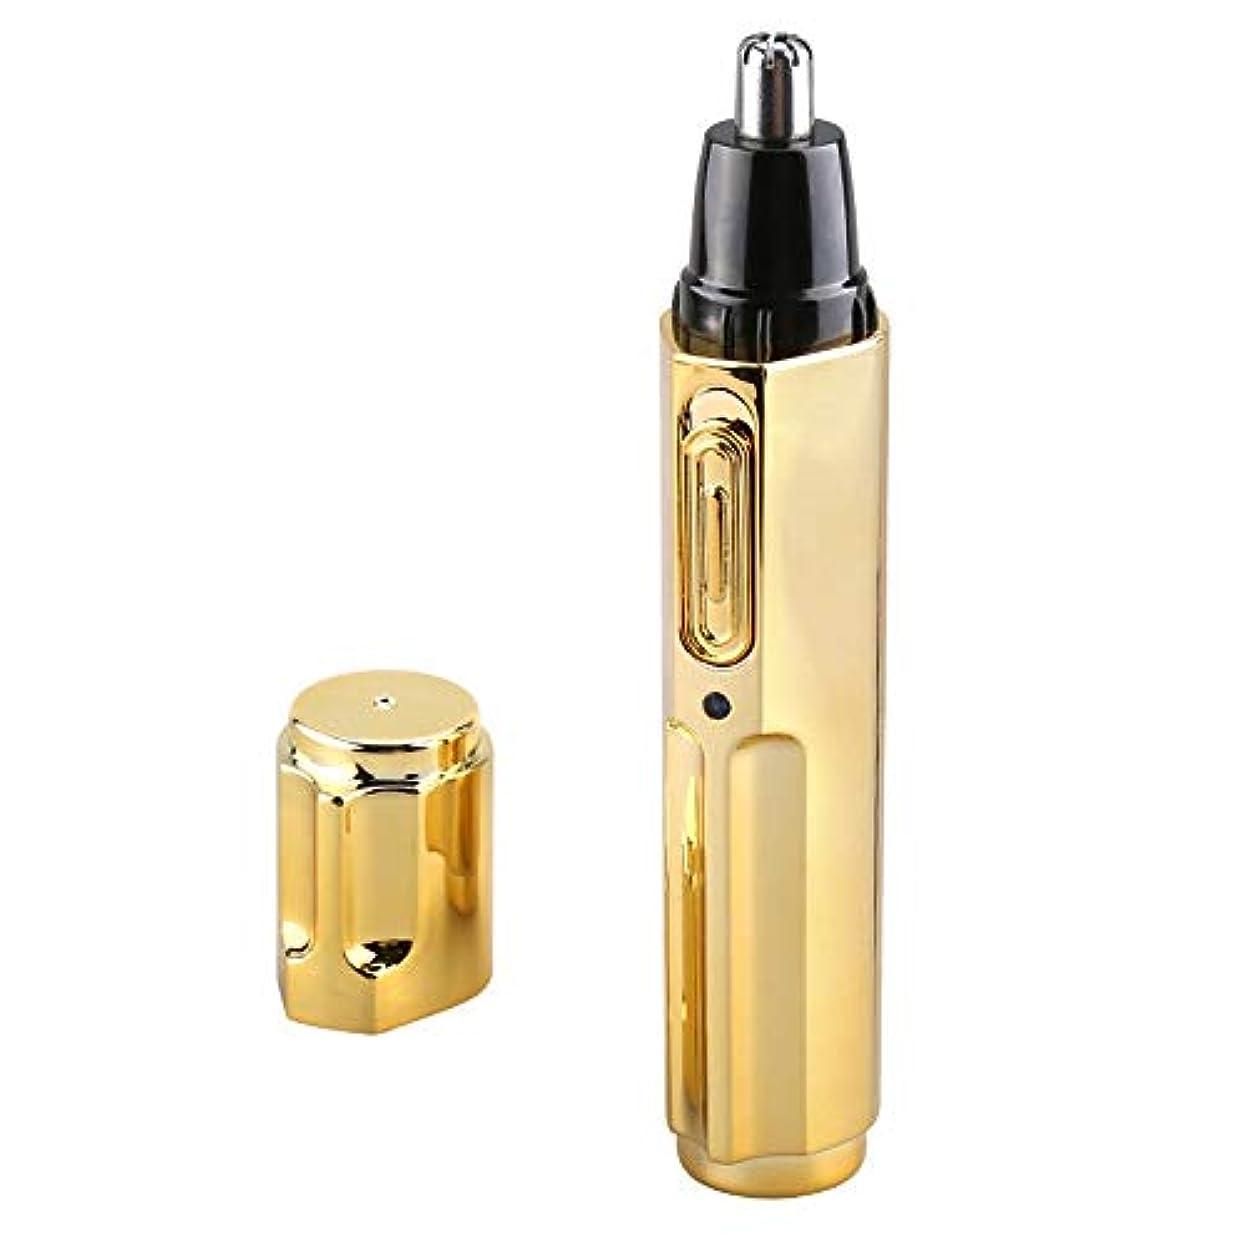 イブニングとは異なり口径鼻毛トリマー/充電式電動鼻毛トリマー/鼻孔クリーナー/ 13 * 2.8cm 使いやすい